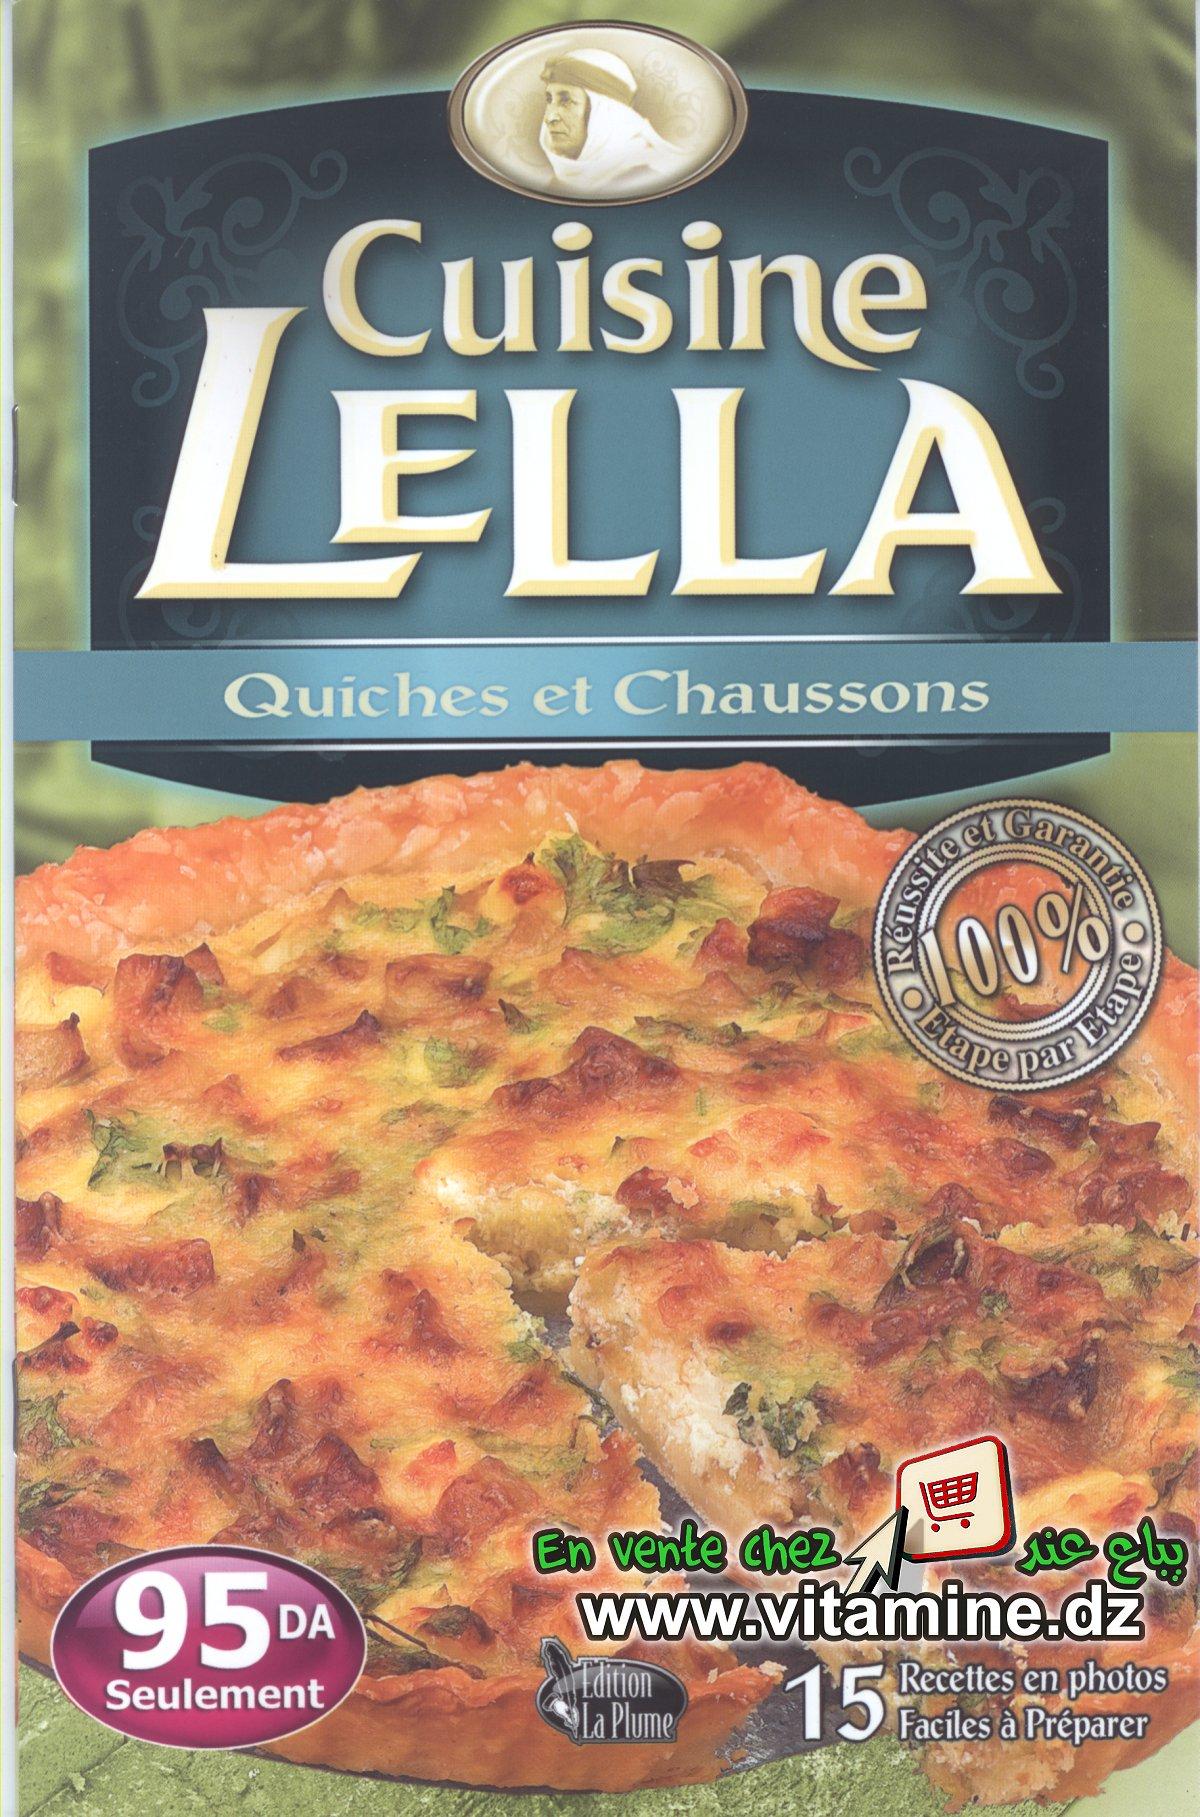 Cuisine Lella - Quiches et chaussons